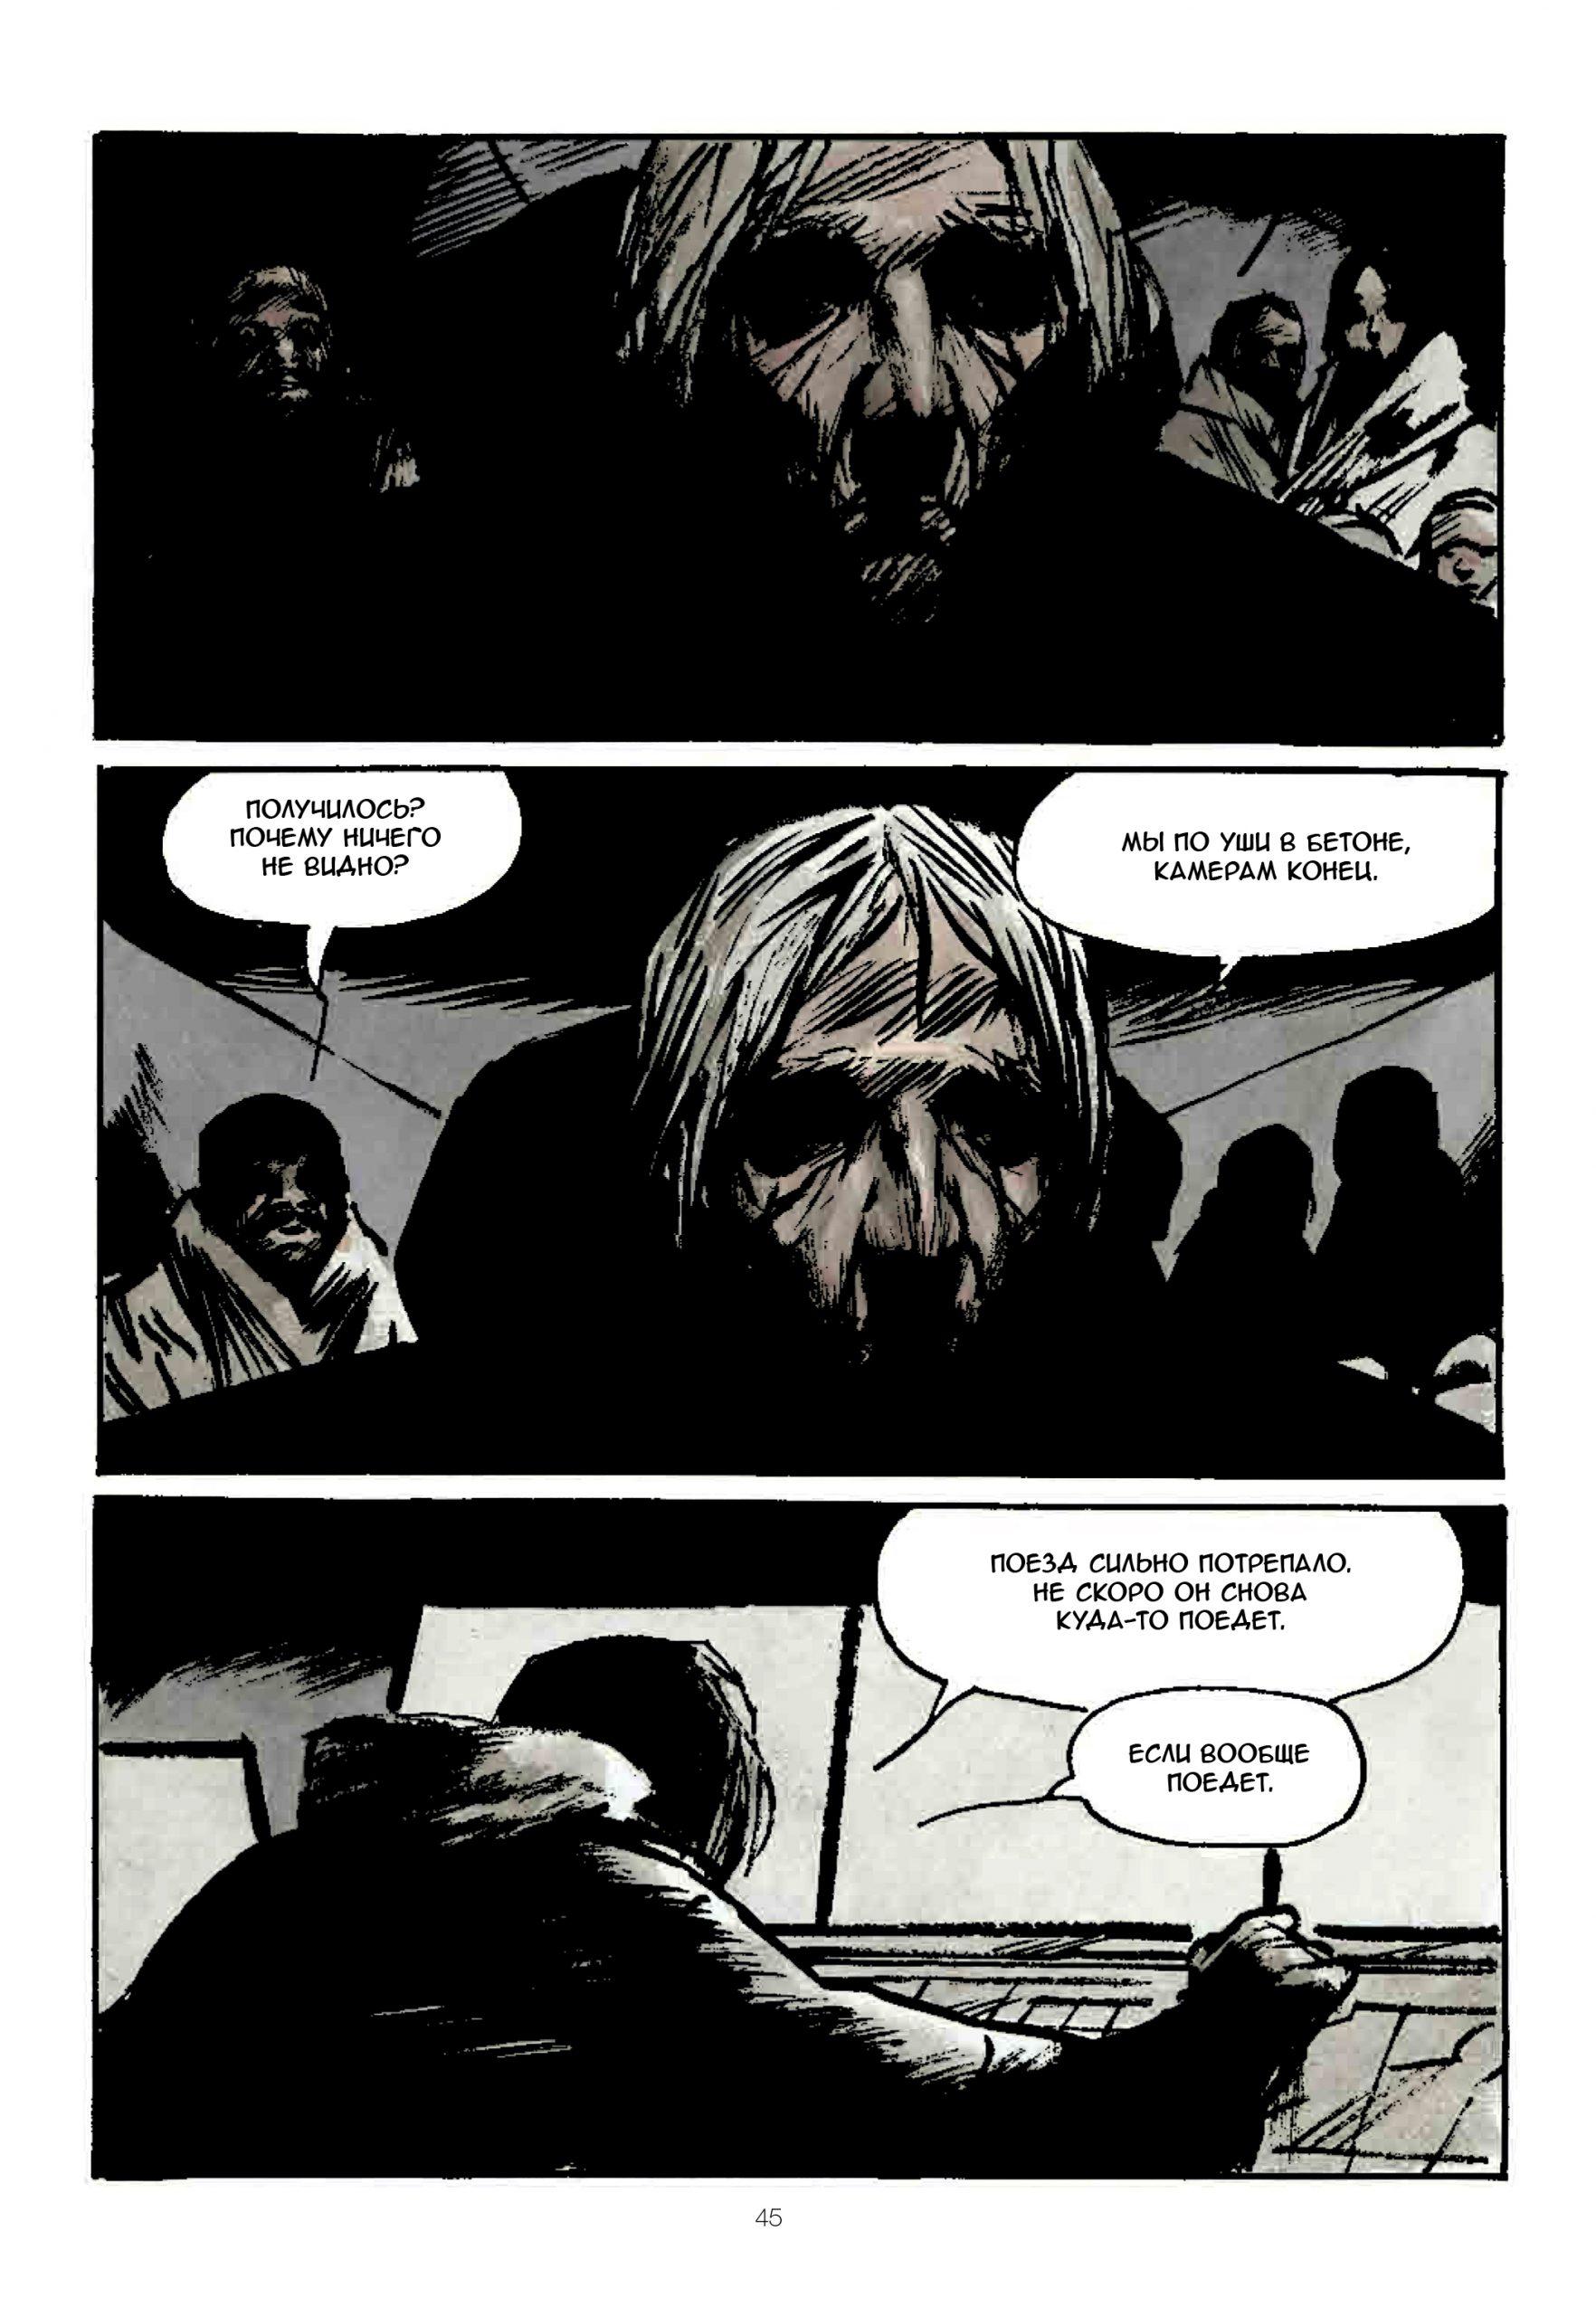 Читаем комикс «Сквозь снег: Конечная станция» 2